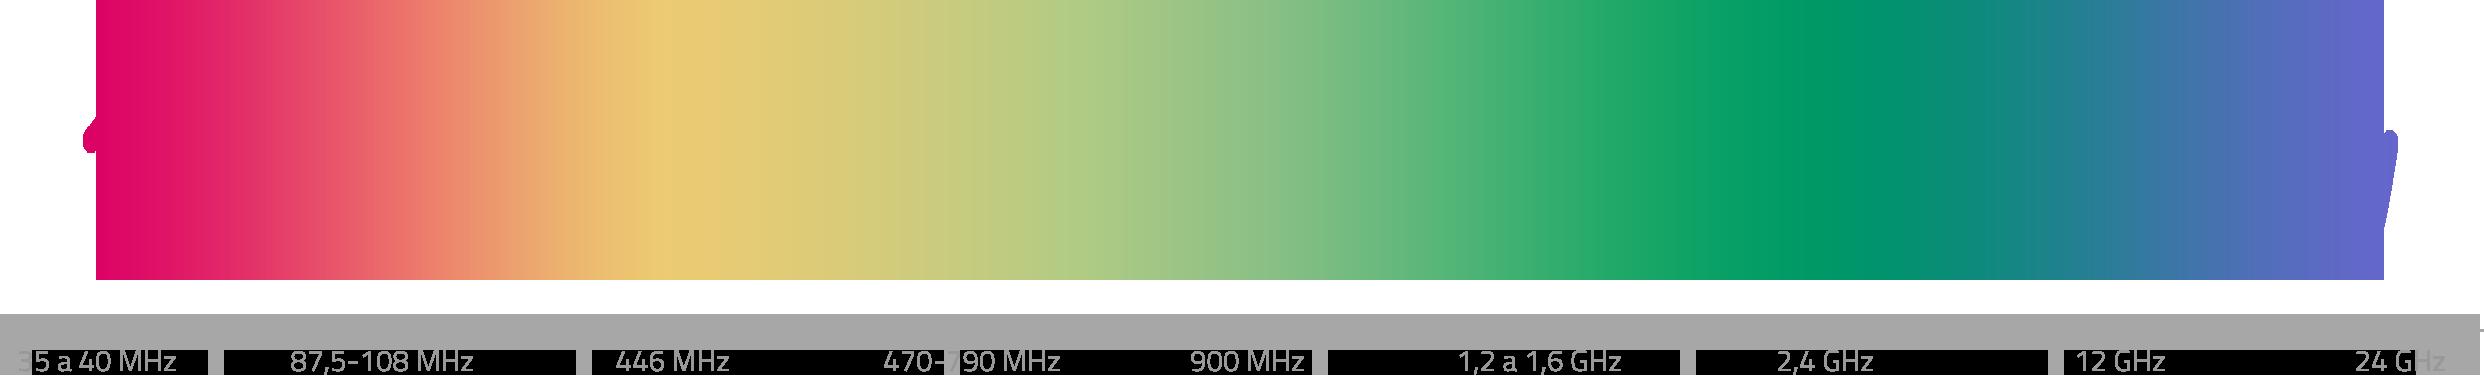 Vlnové délky rádiového spektra